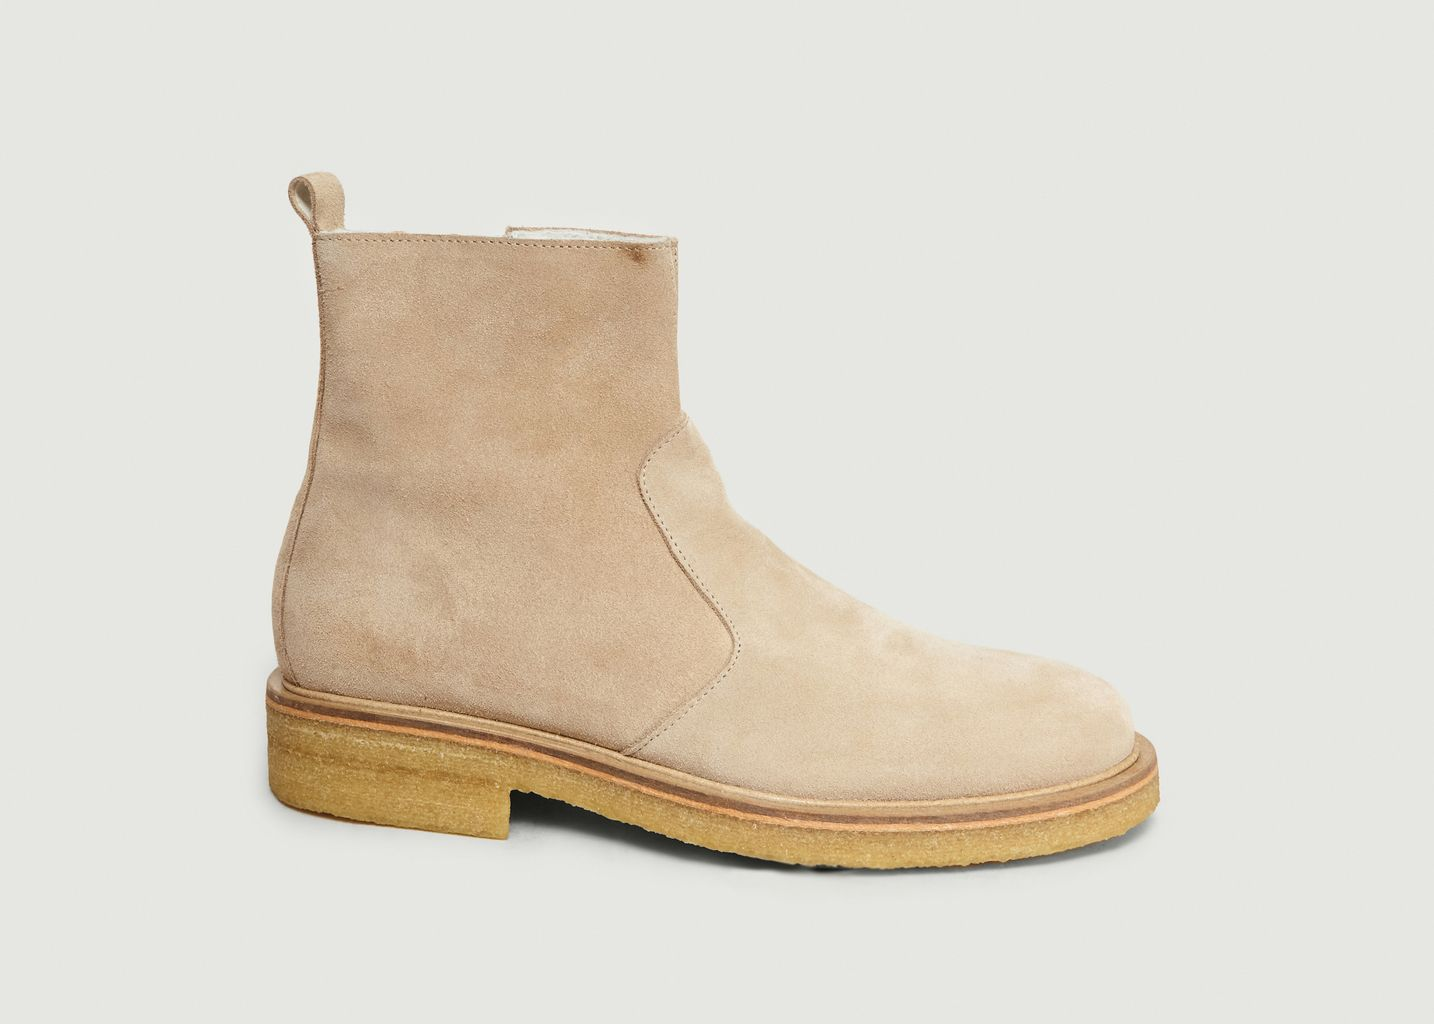 Ami Fourrées Mattiussi Soldes 40 L'exception Boots Beige Alexandre À wft1Oq